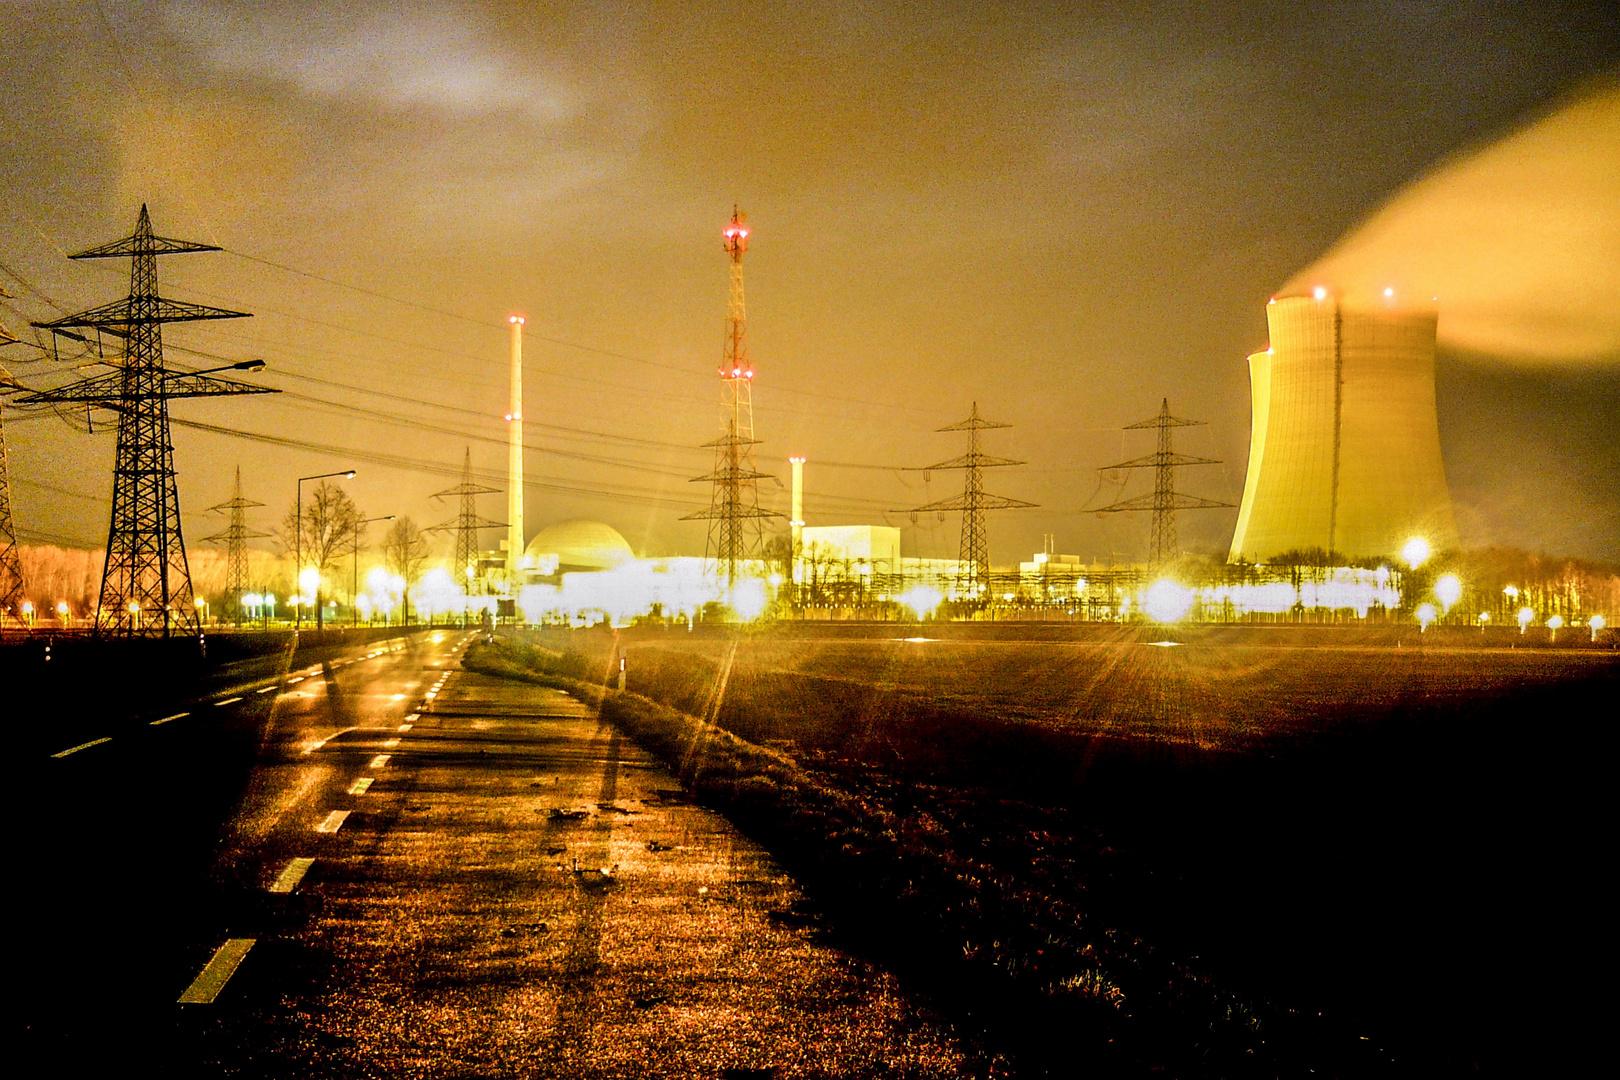 AKW Philippsburg bei Nacht